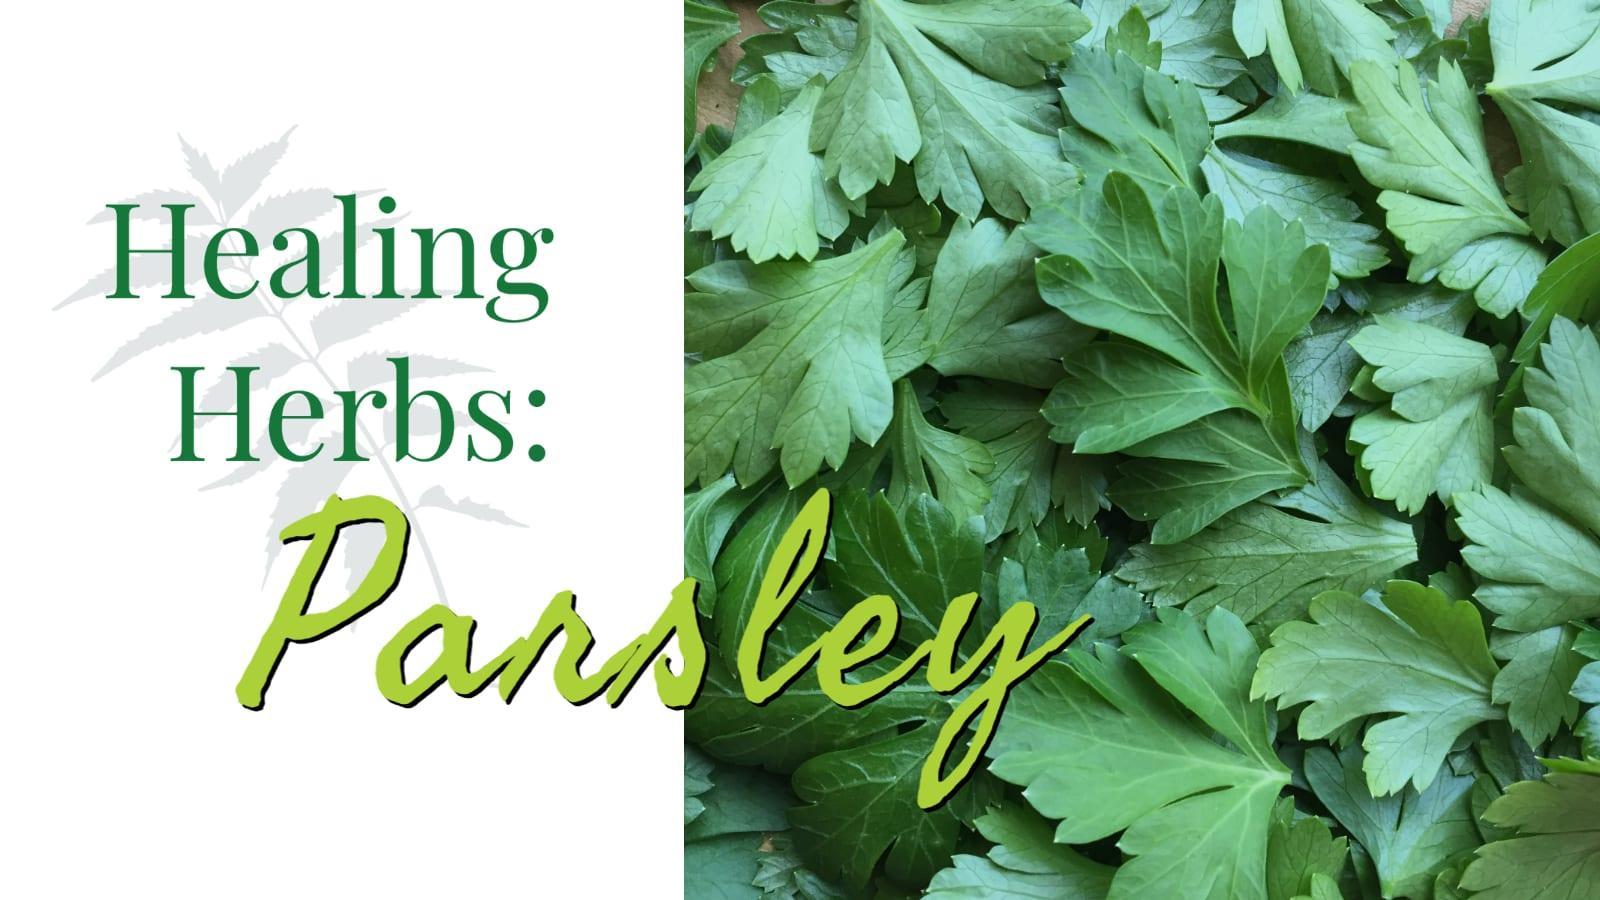 Healing Herbs: Parsley – CSA Week #12